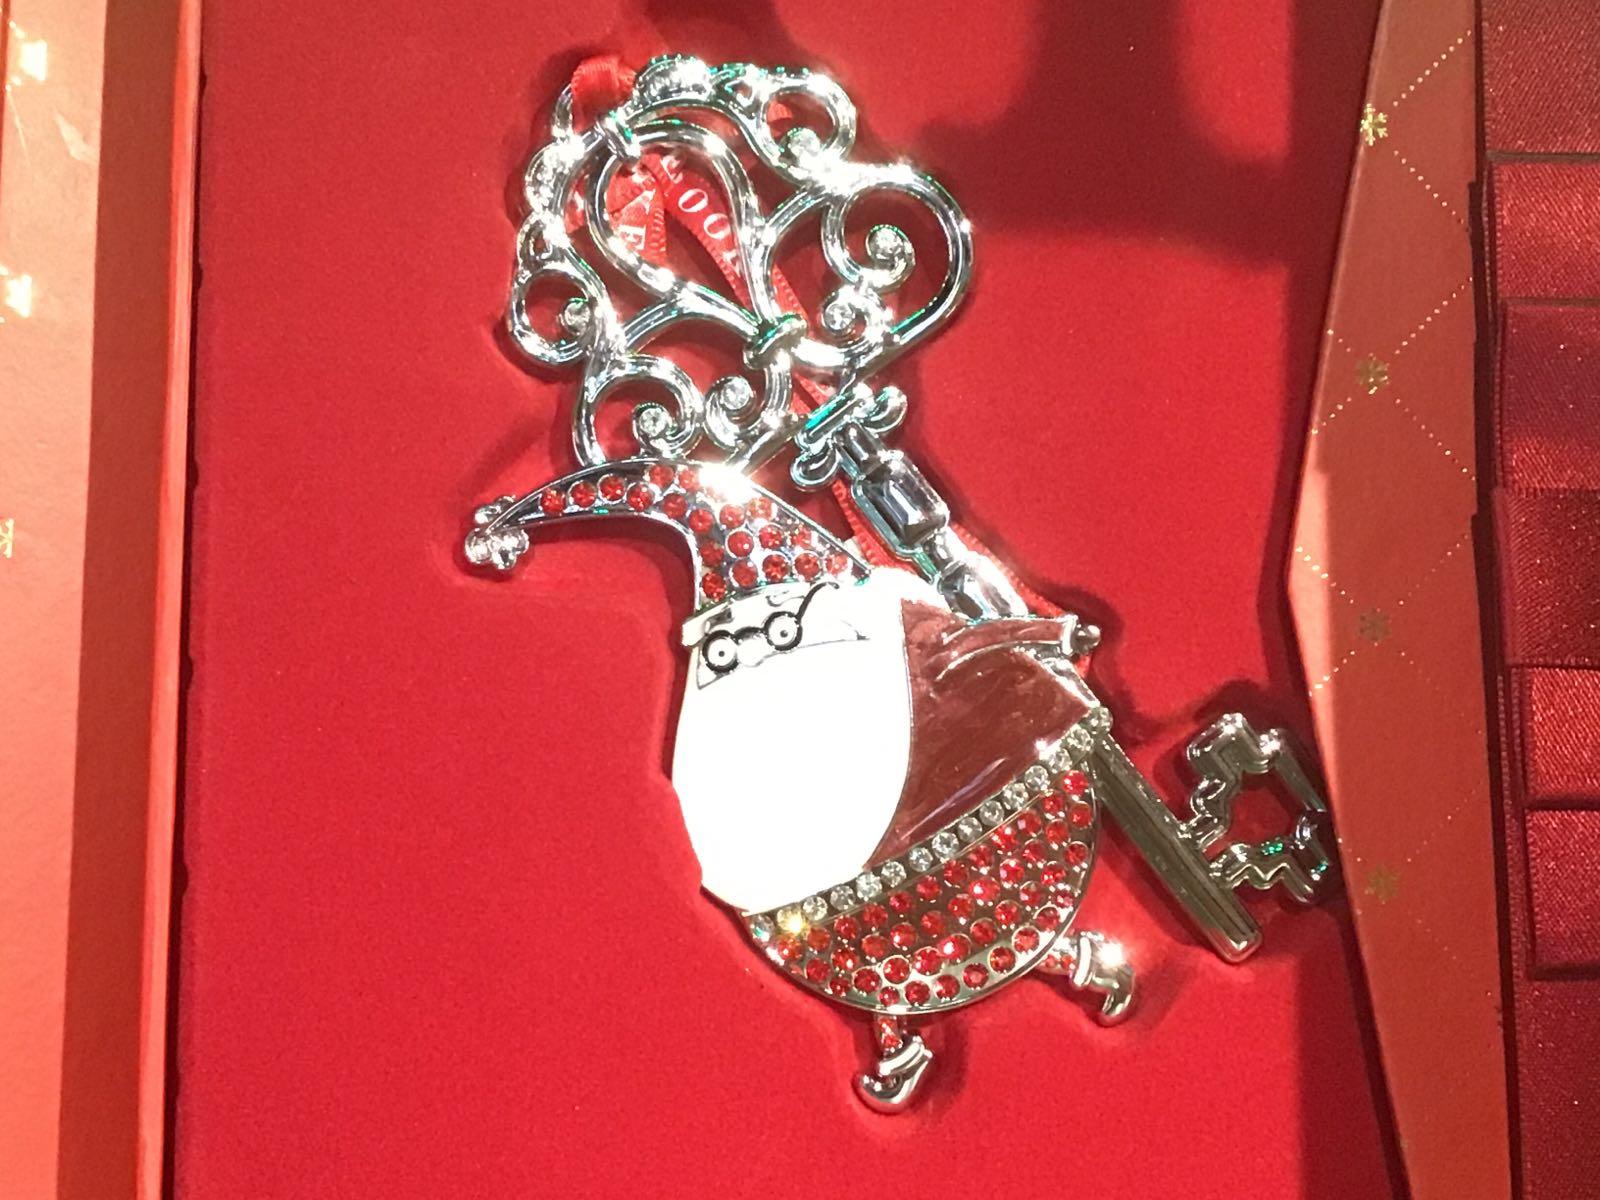 Sparkle Santa with Magical Key